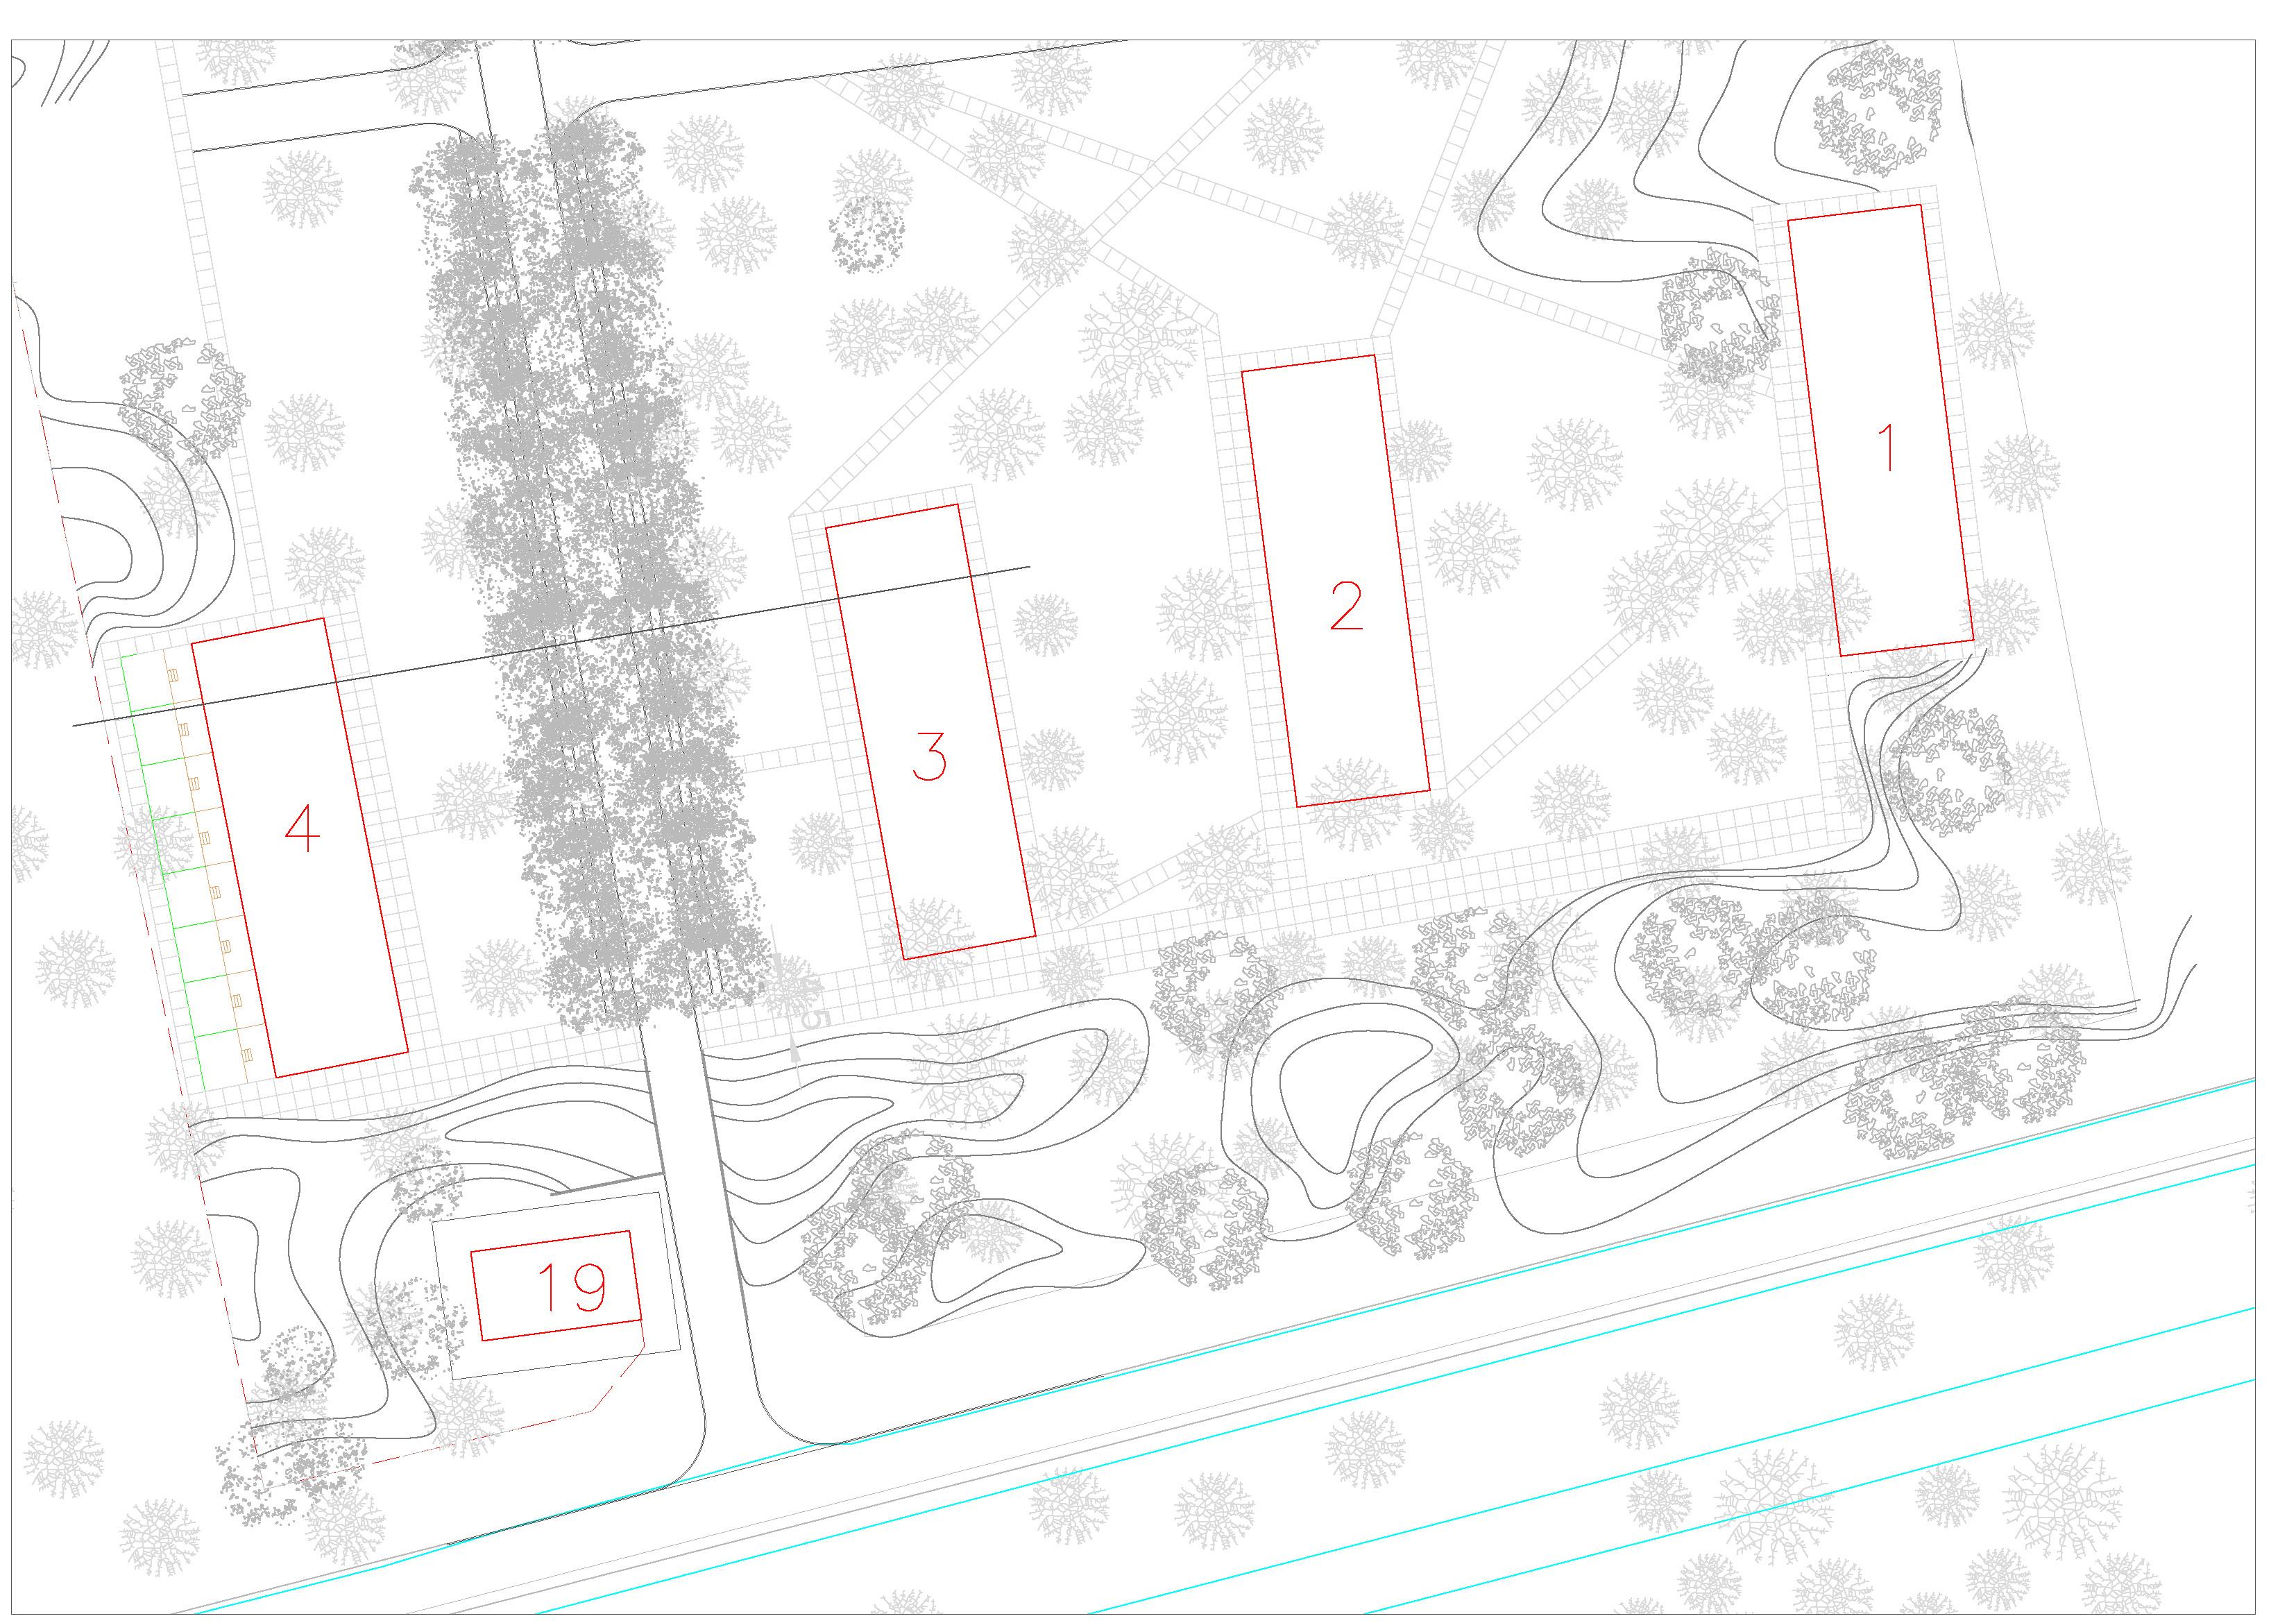 stedebouwkundig plan Kamp Koningsweg